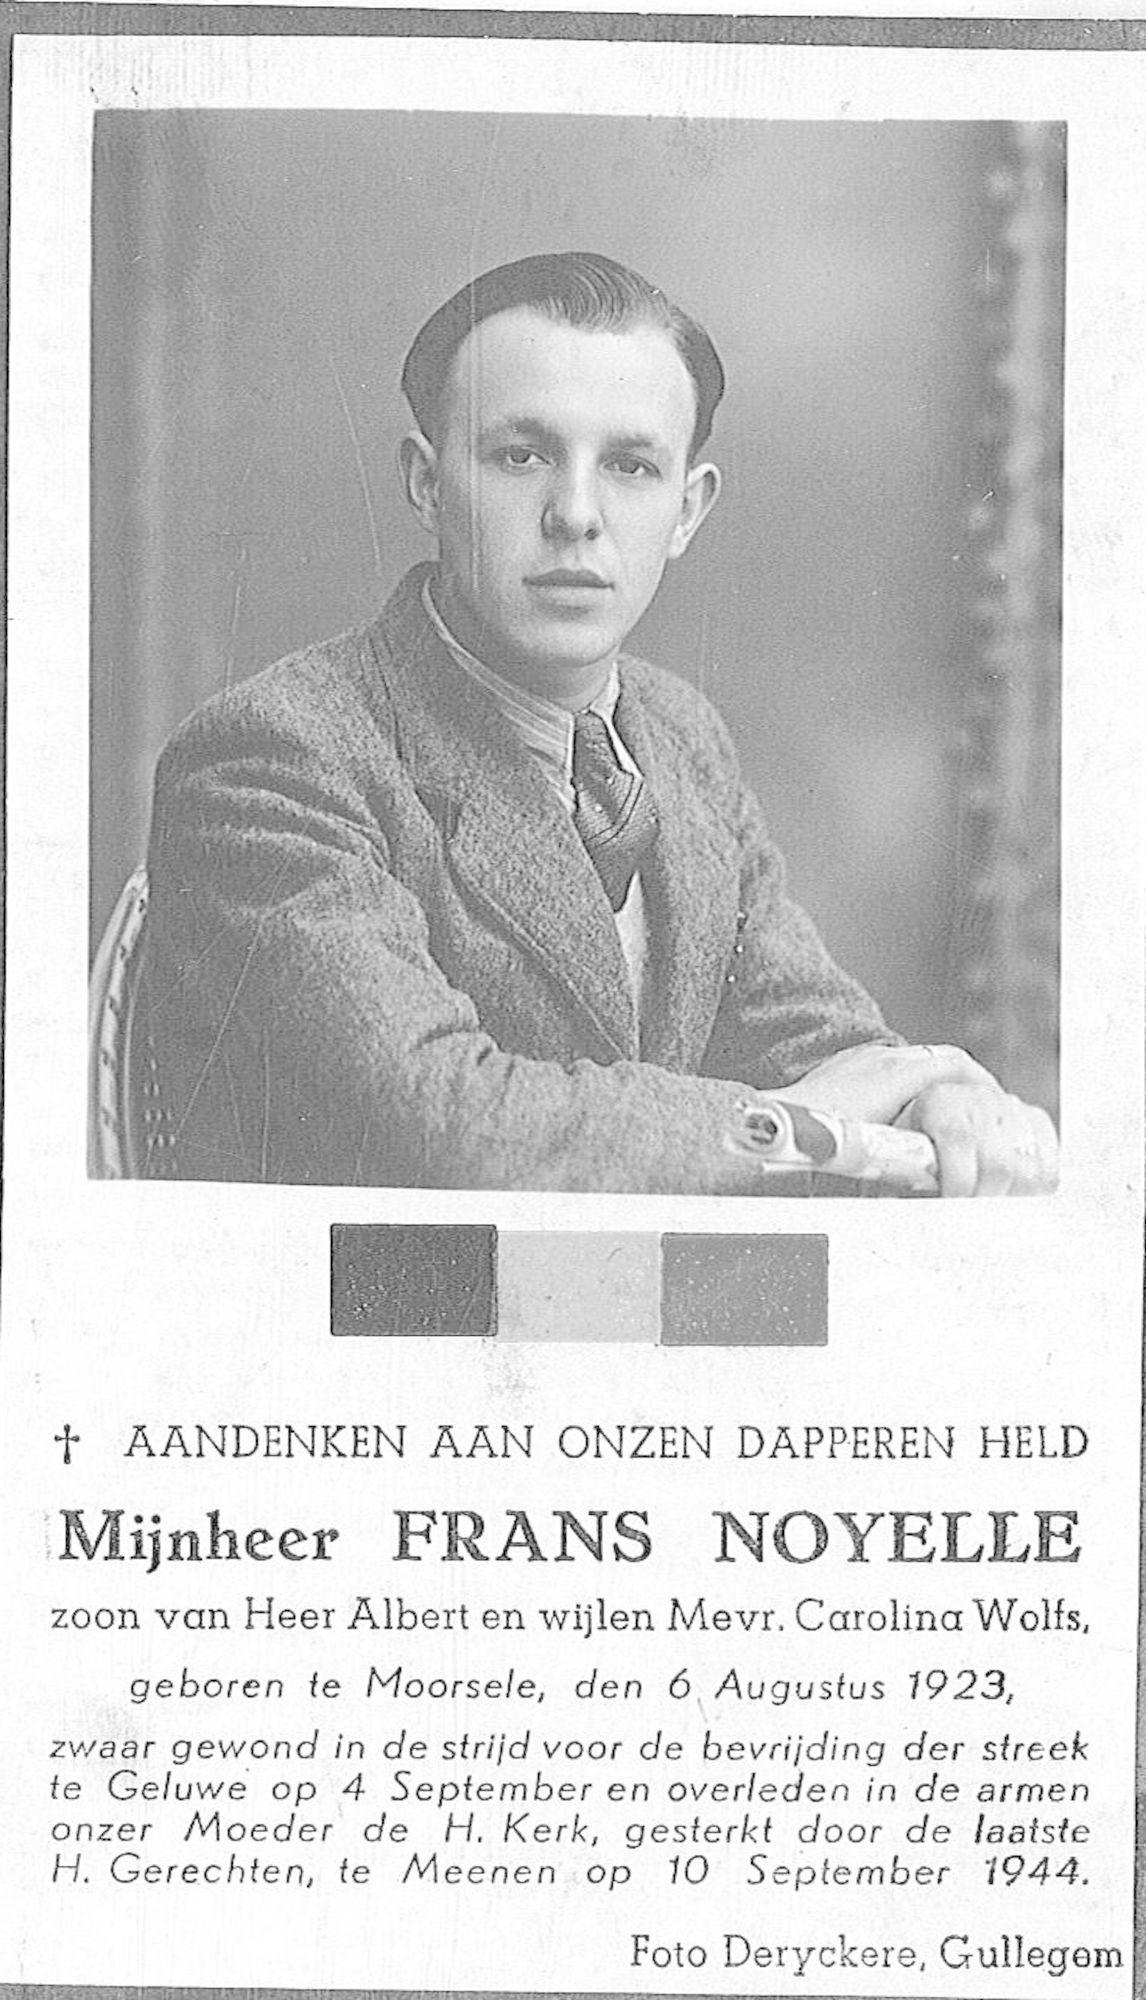 Frans Noyelle